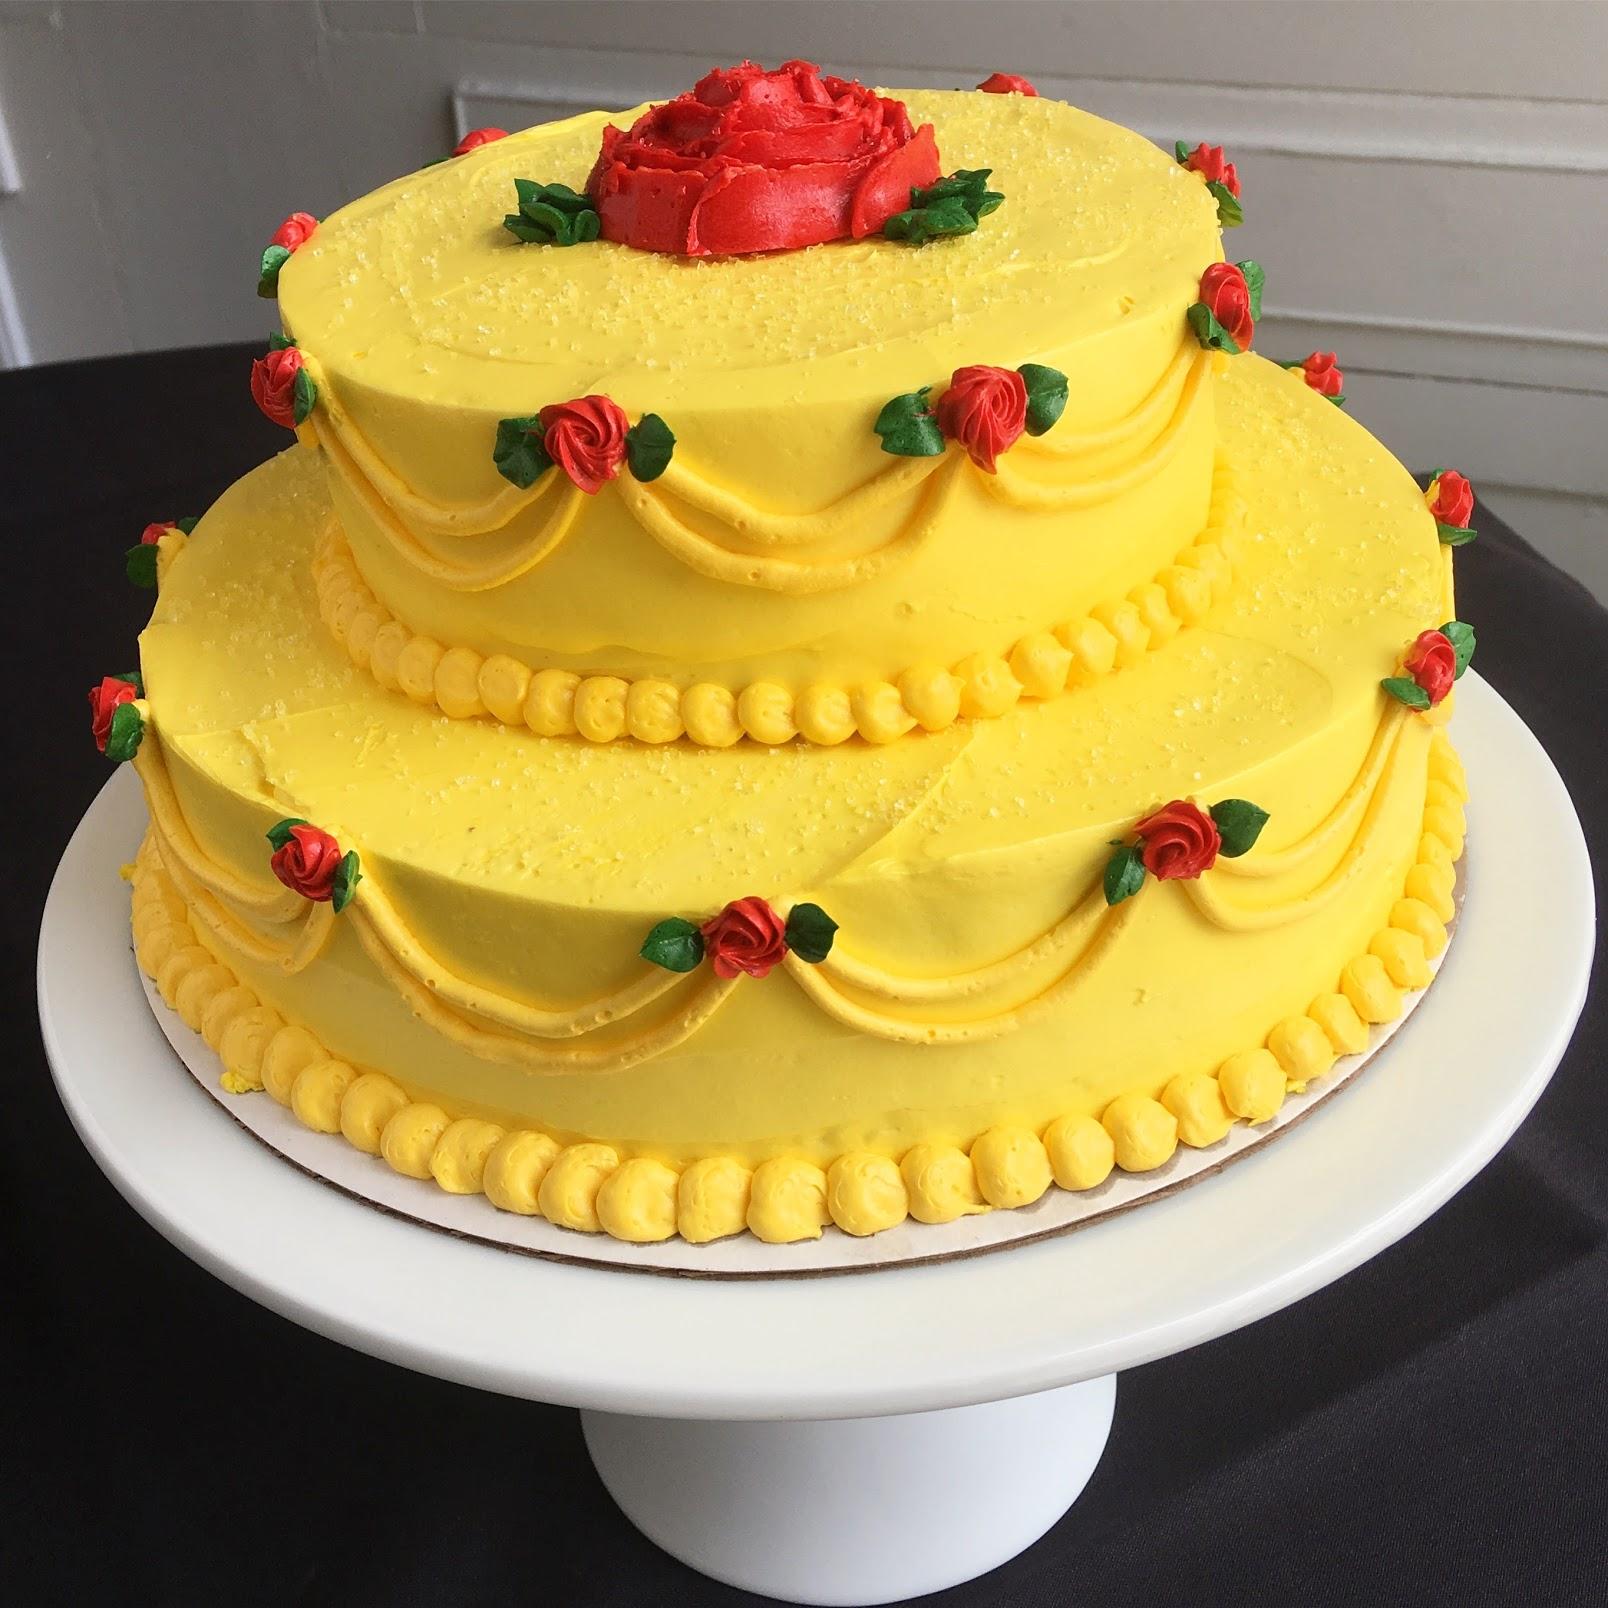 Belle's Cake